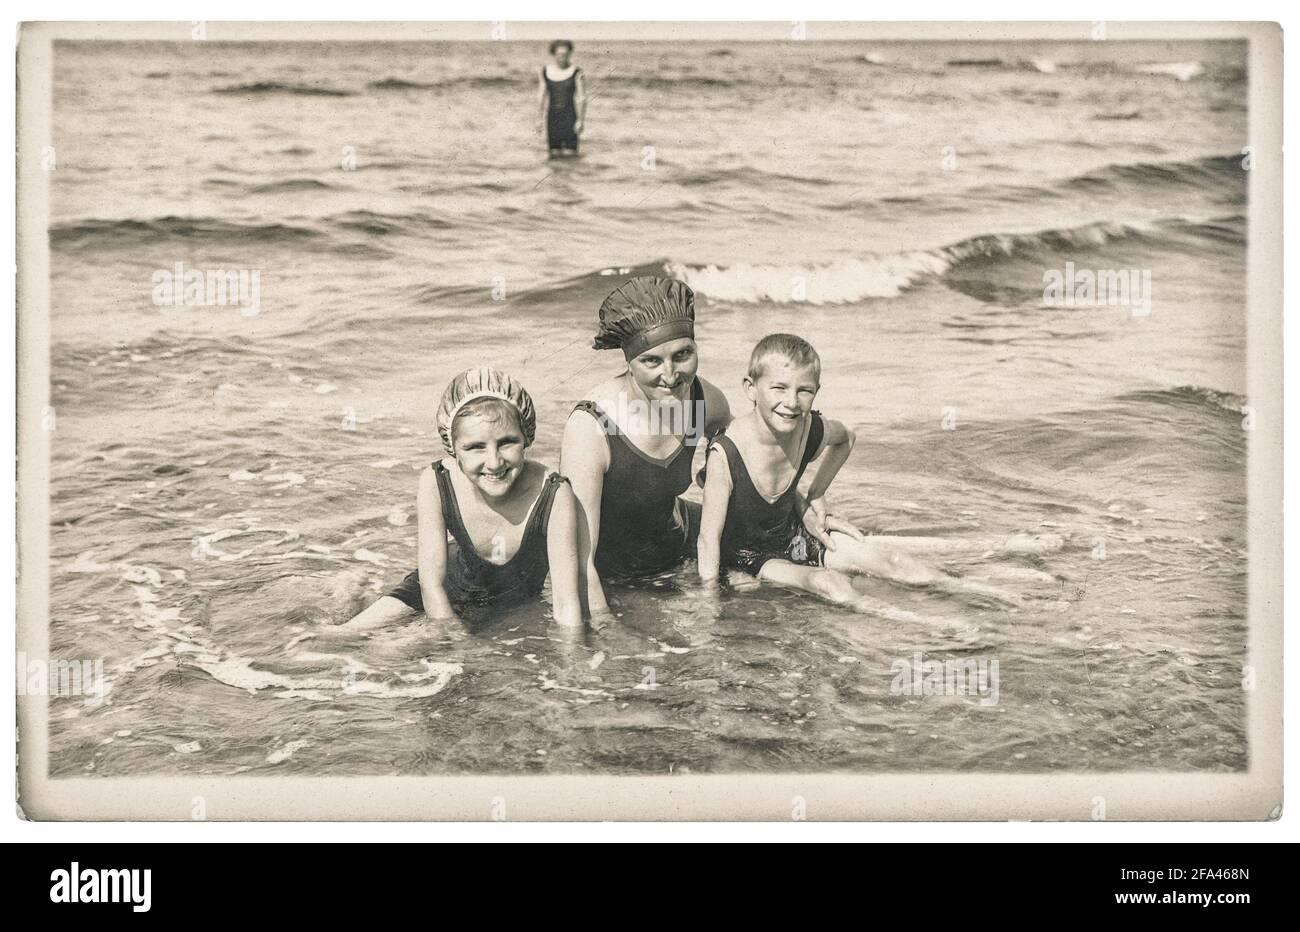 Alte Foto Mutter und Kinder auf dem Meer. Sommerurlaub. Vintage-Bild mit Original-Film-Körnung und Unschärfe aus ca. 1920 Stockfoto